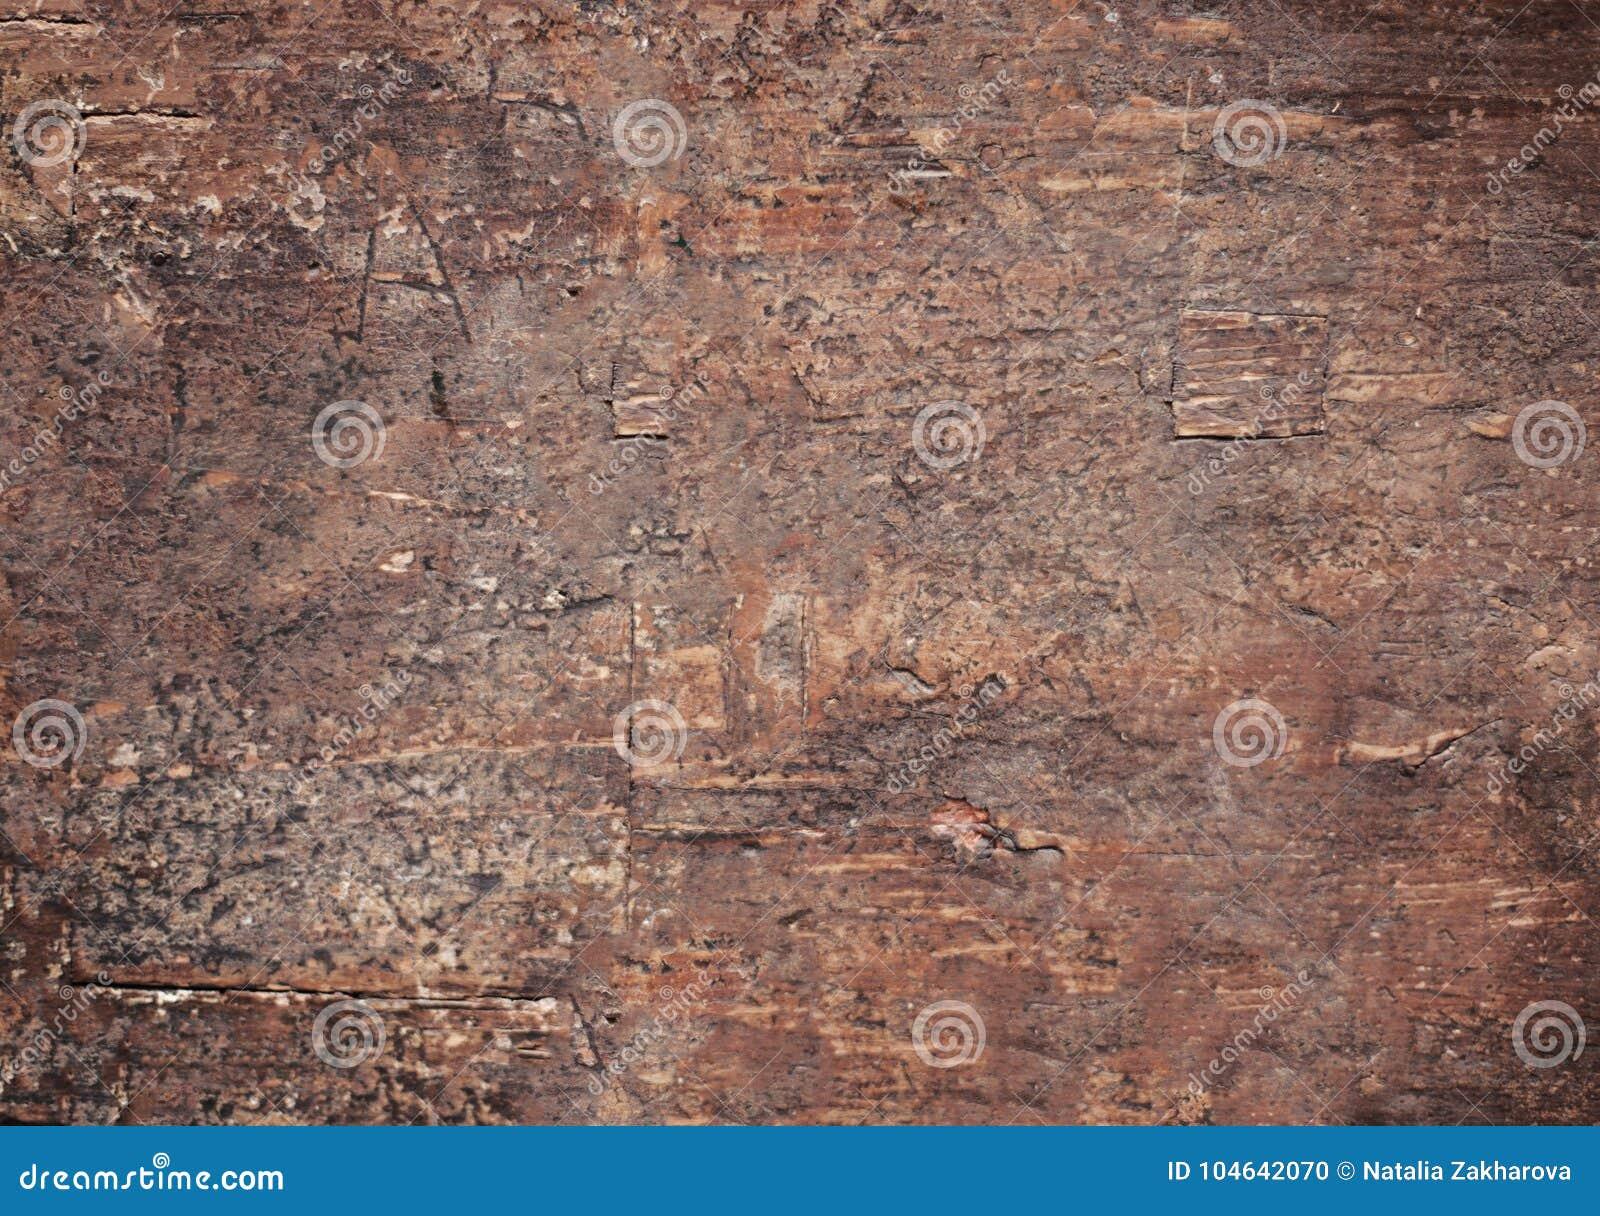 Download Oude Natuurlijke Houten Bruine Sjofele Achtergrond Oude Textuur Van Schors Stock Foto - Afbeelding bestaande uit nave, bruin: 104642070